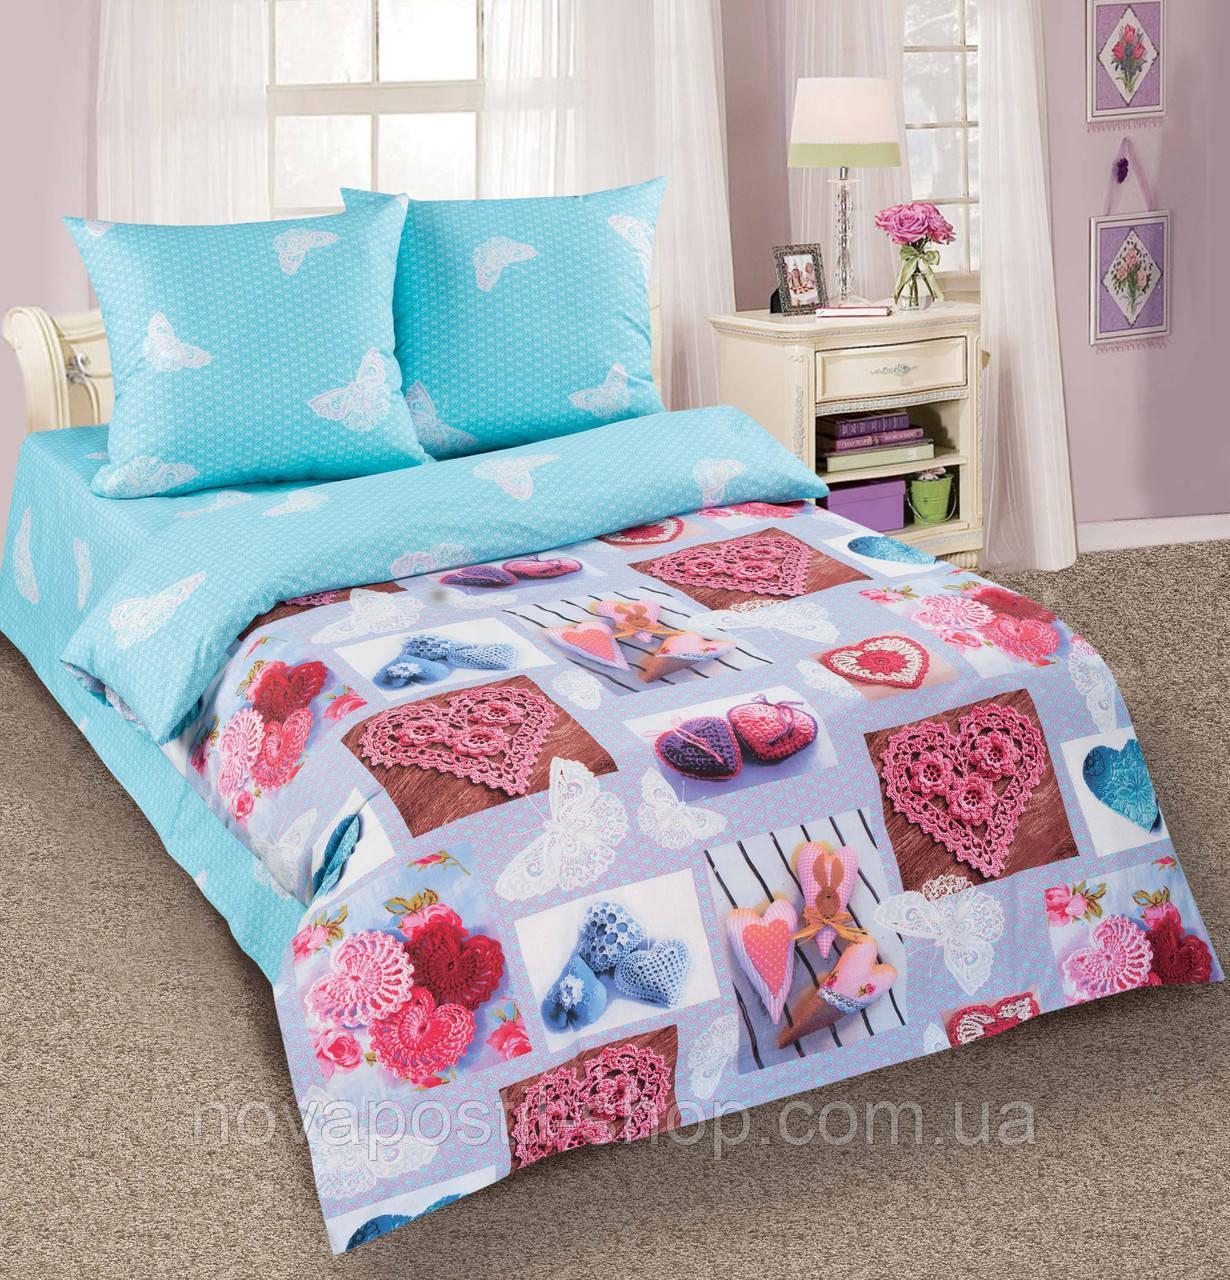 Комплект постельного белья Ажур подростковый